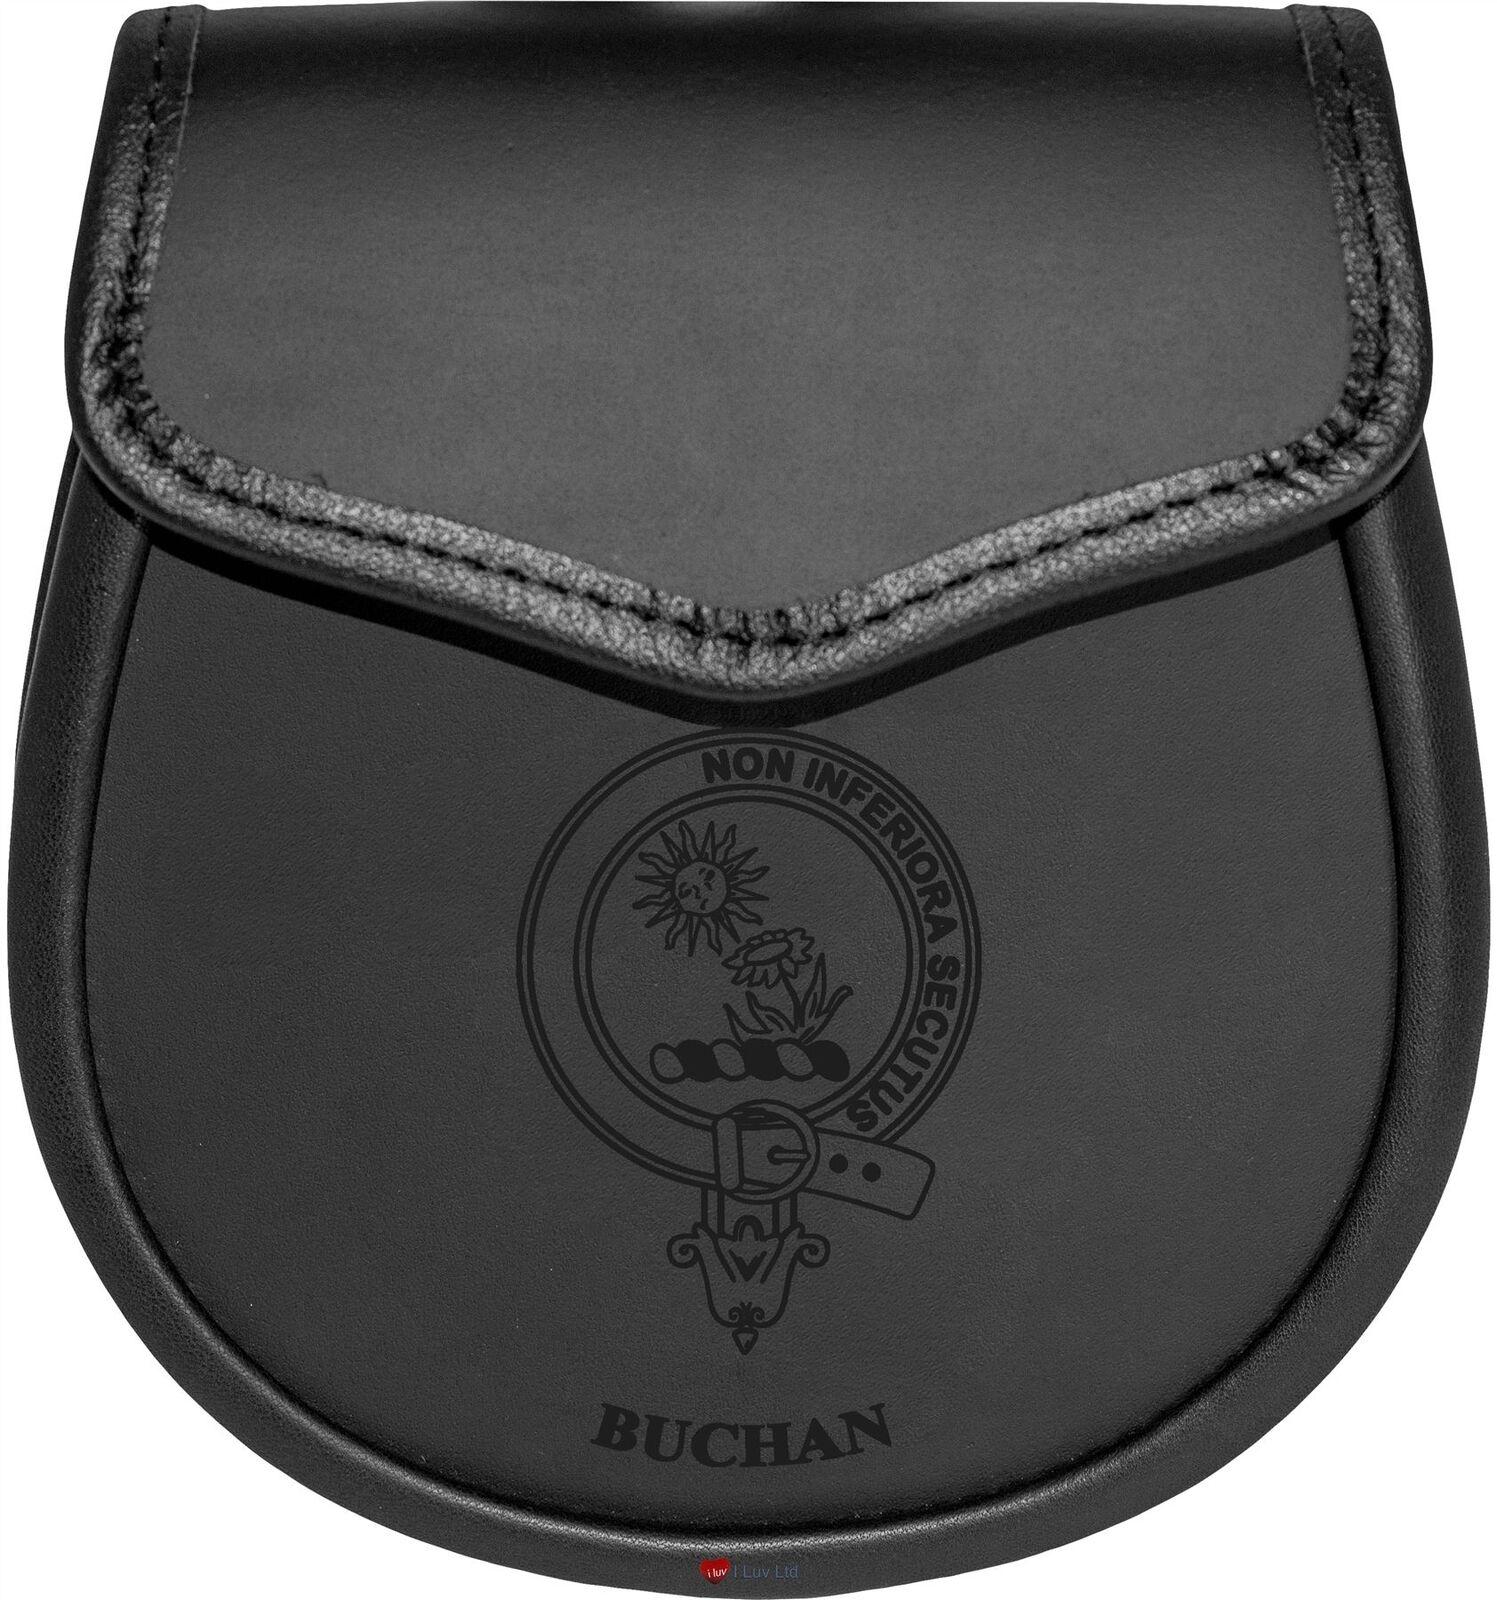 Buchan Leather Day Sporran Scottish Clan Crest